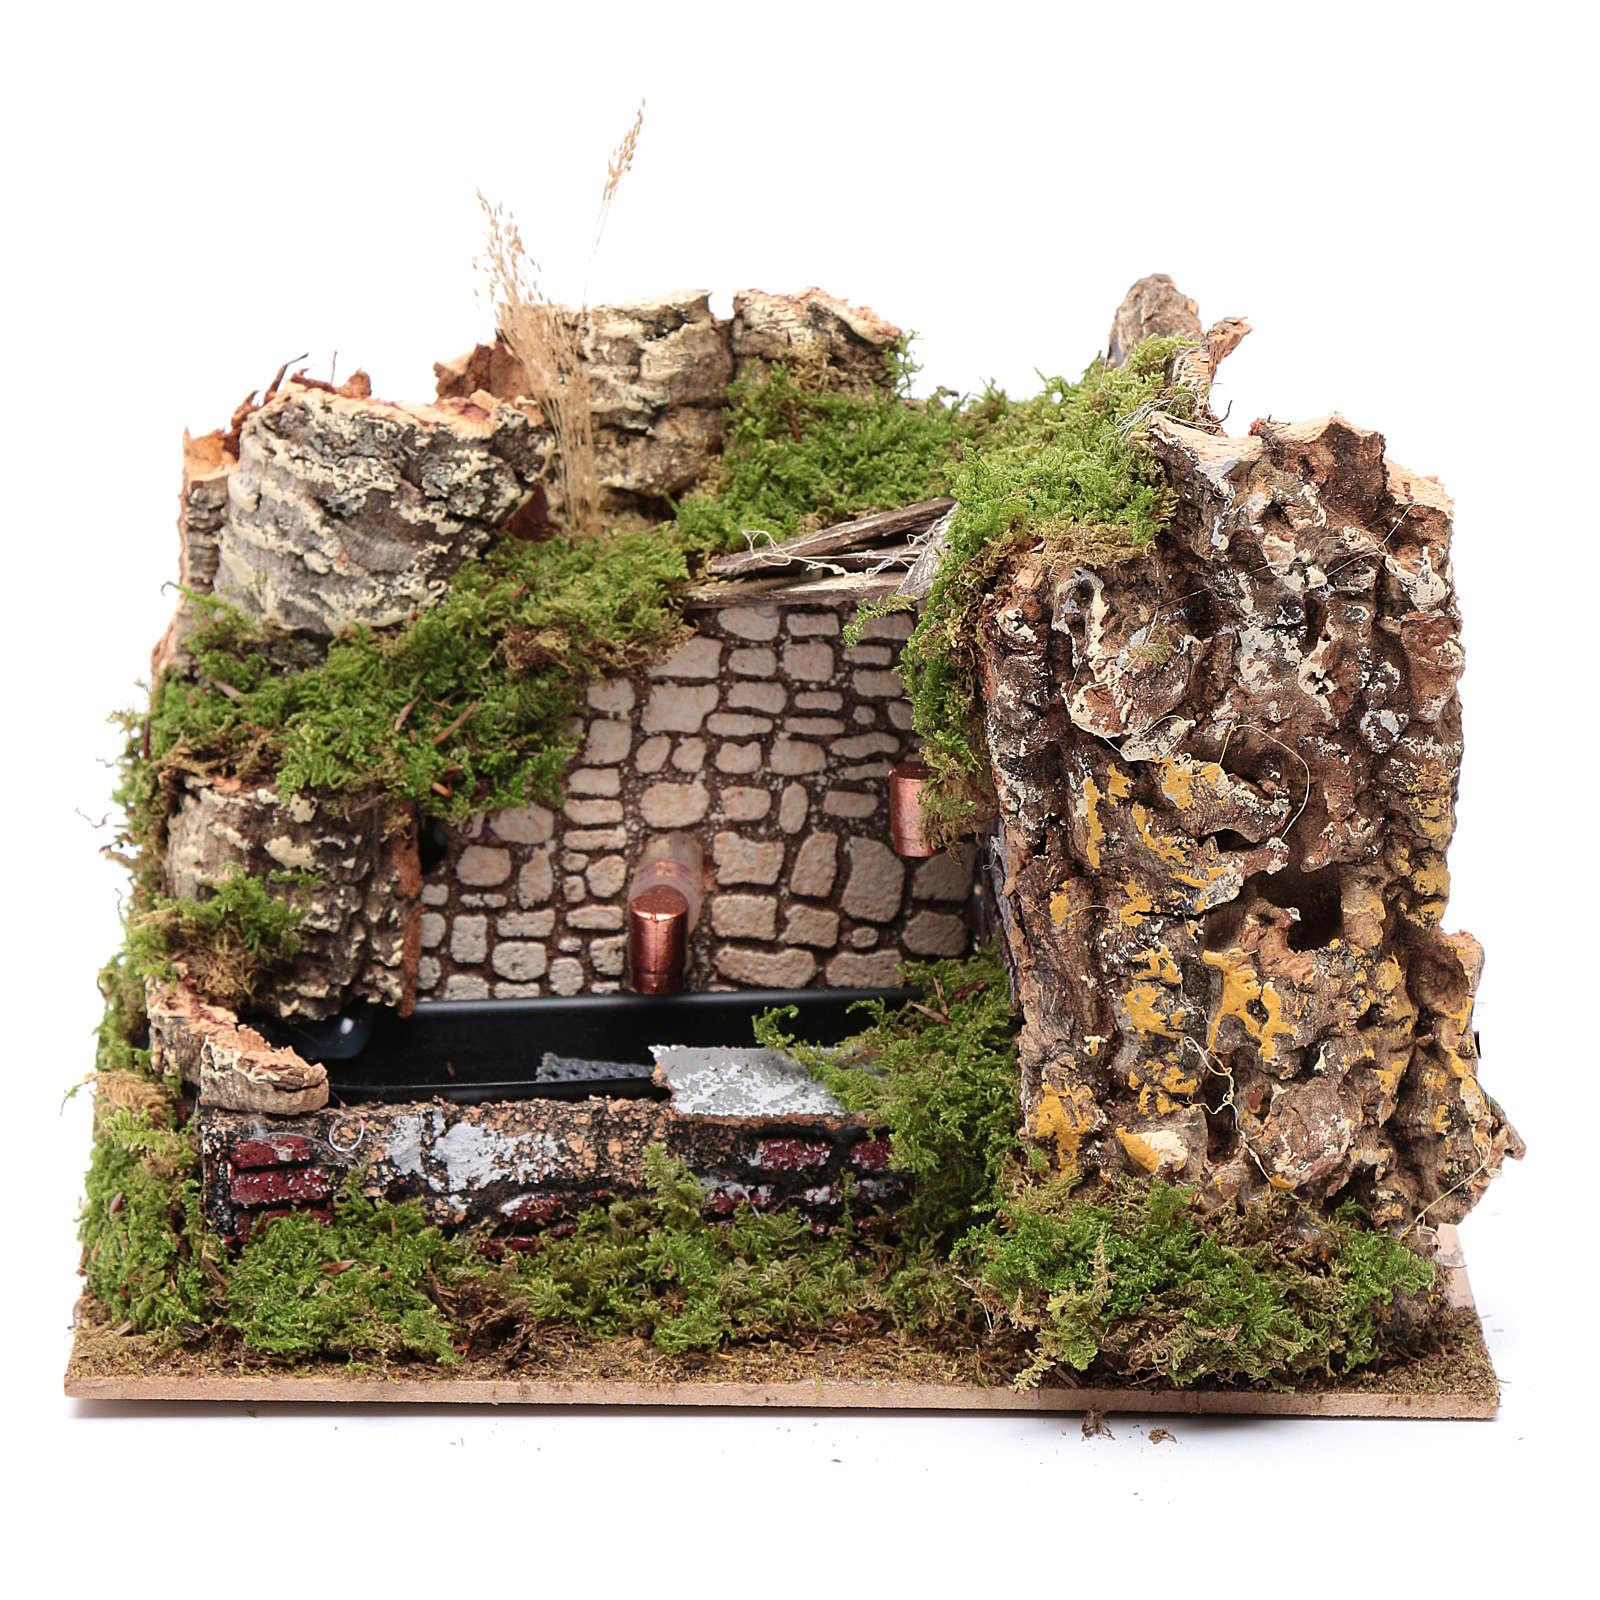 Décor fontaine avec pompe et mur rocheux 15x20x15 cm 4